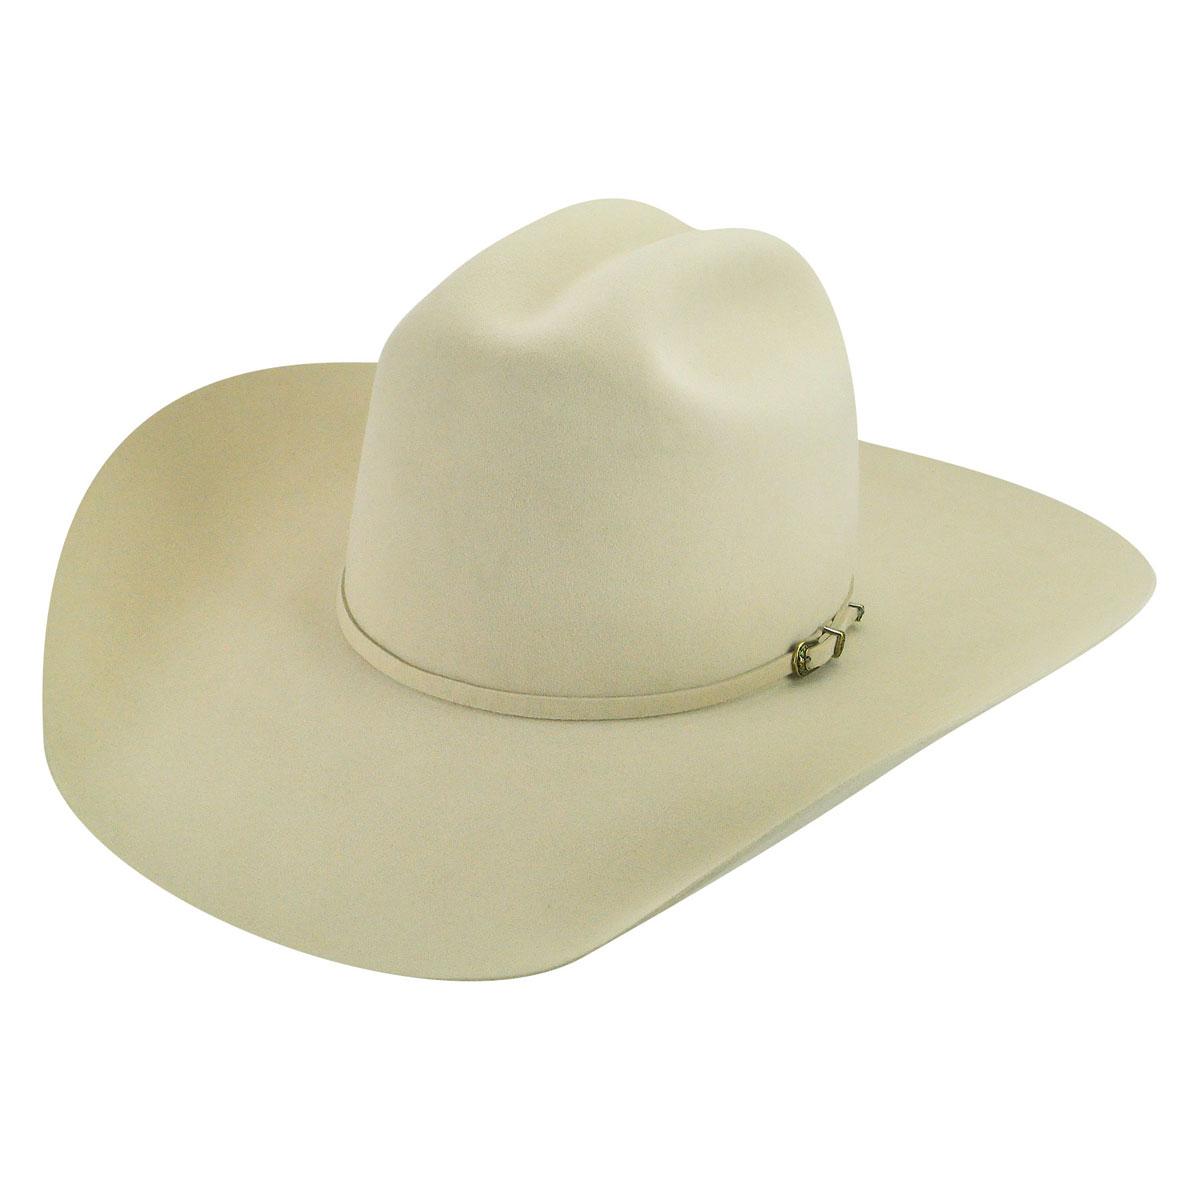 Bailey Western Gage 10X Western Hat in Buckskin